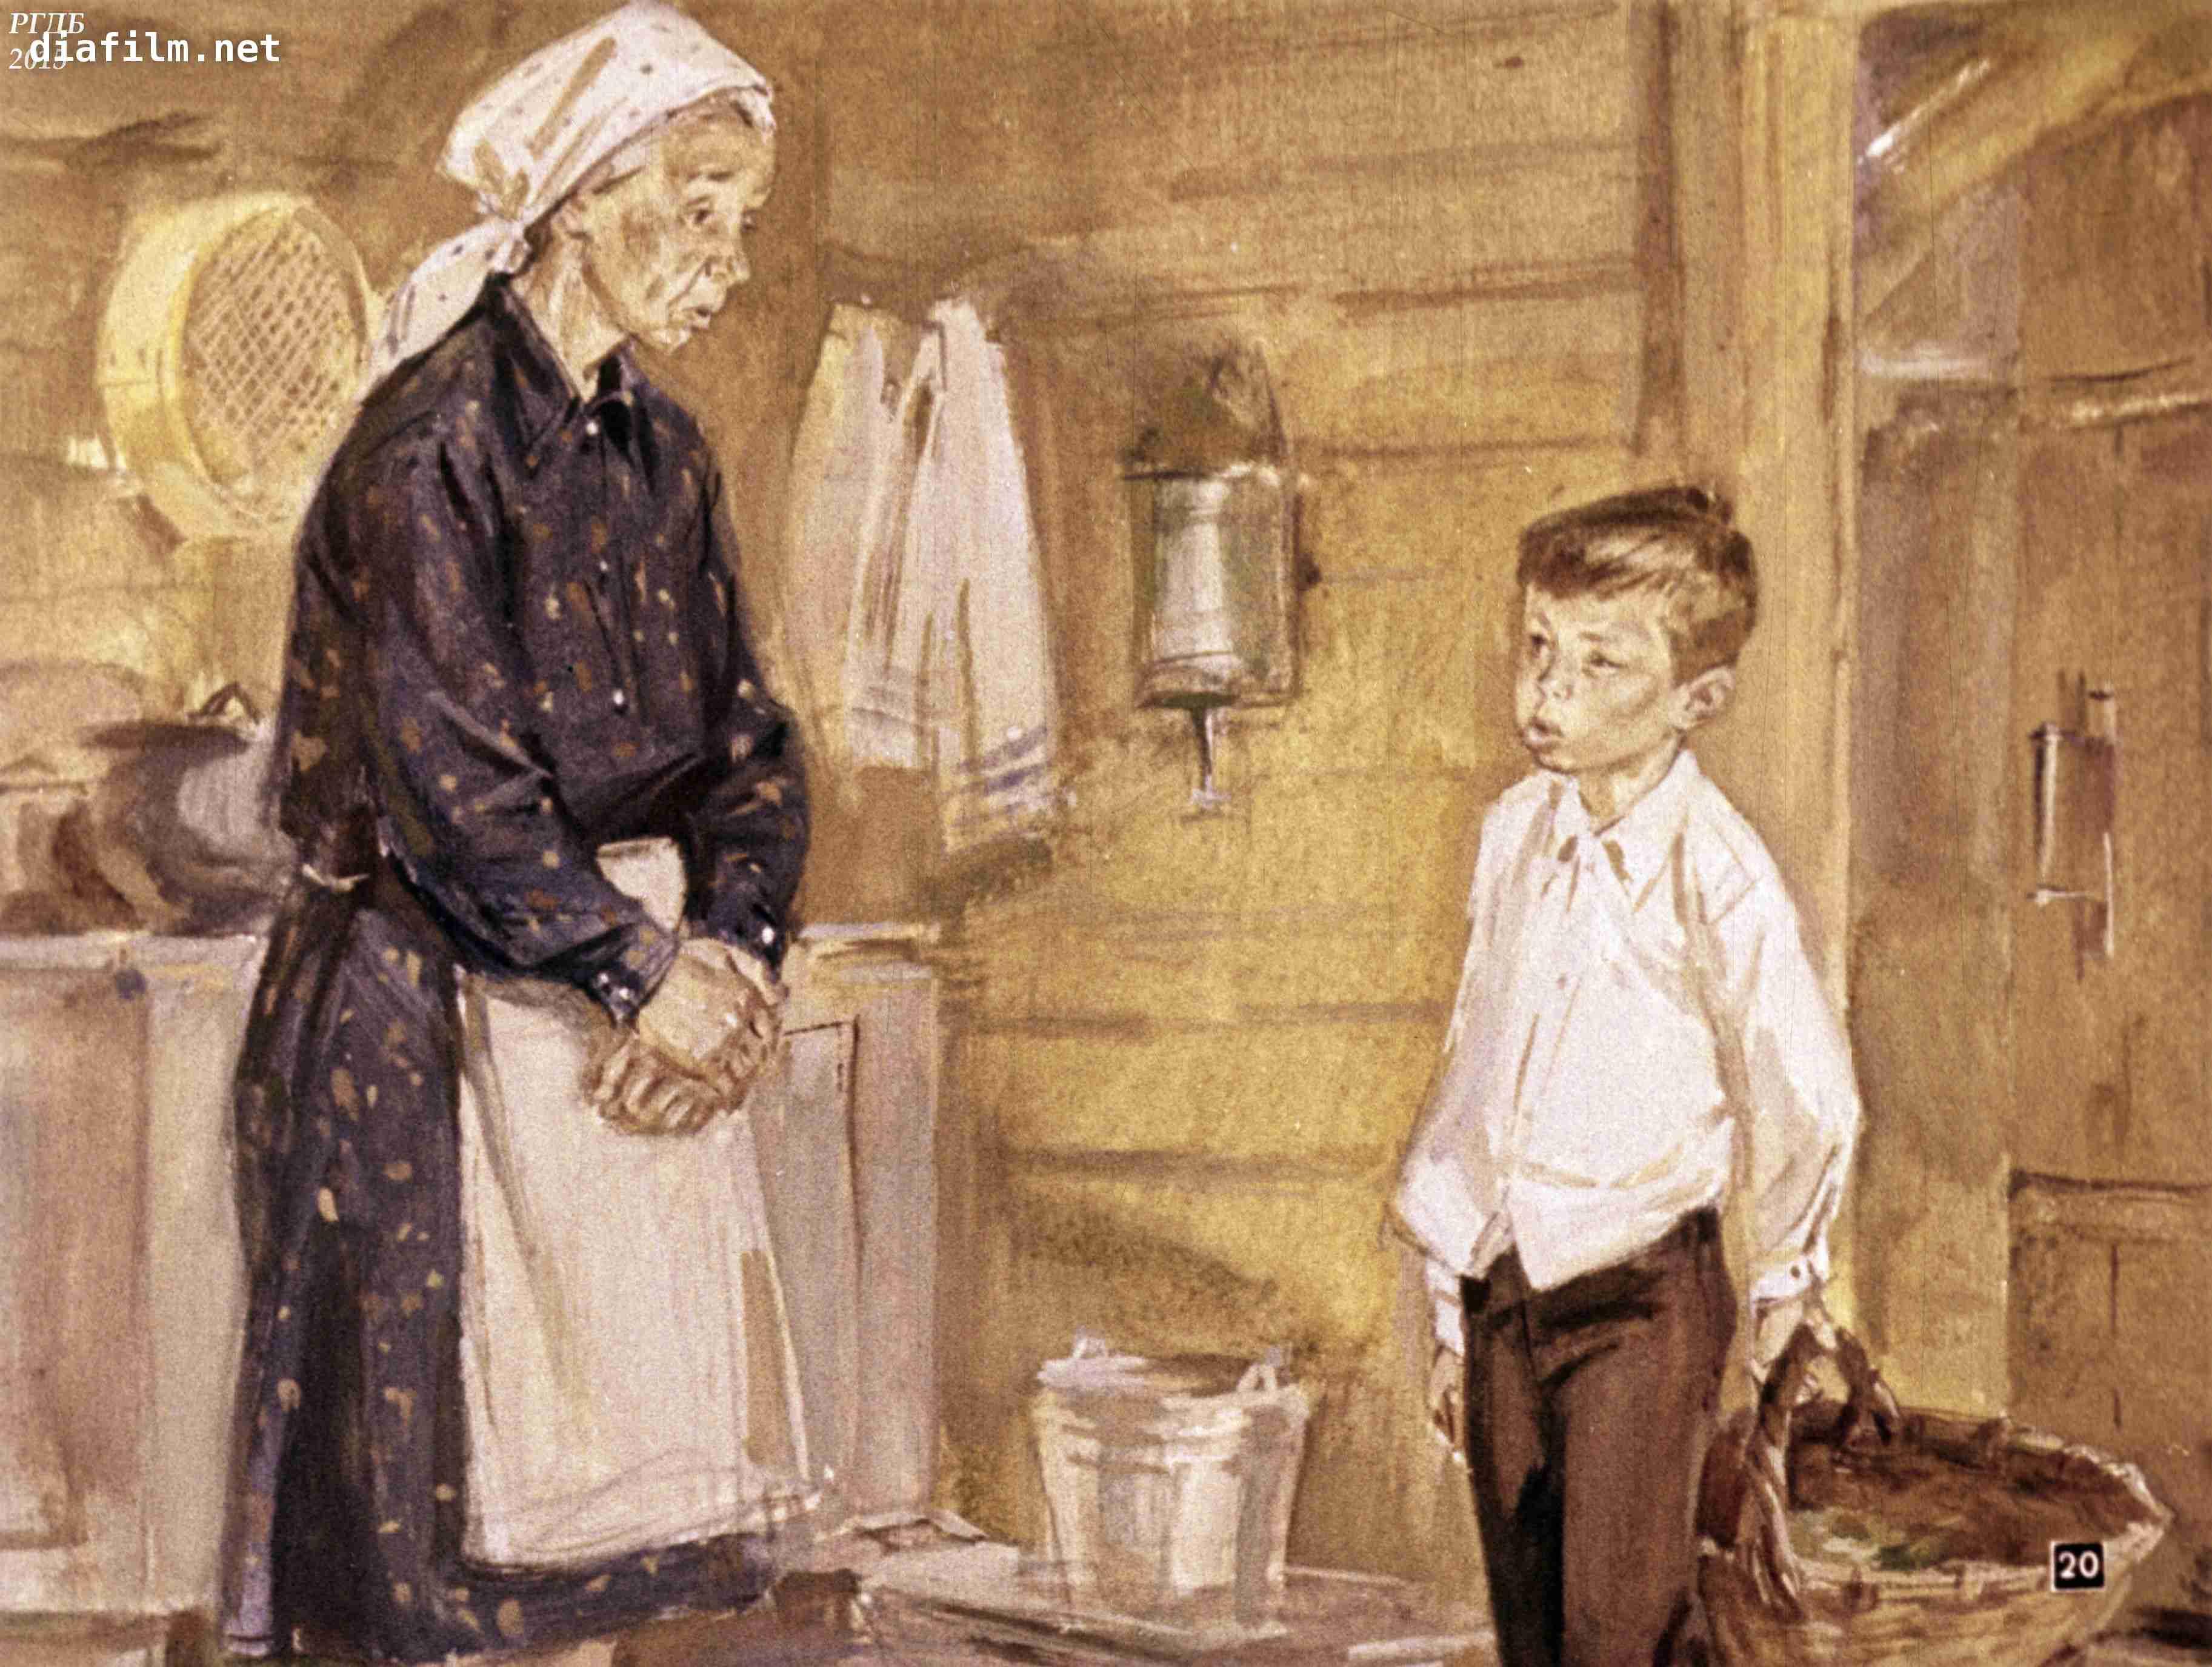 Сказал маме что хочет ее рассказы, Эротические рассказы Реальная история как мама стала 16 фотография